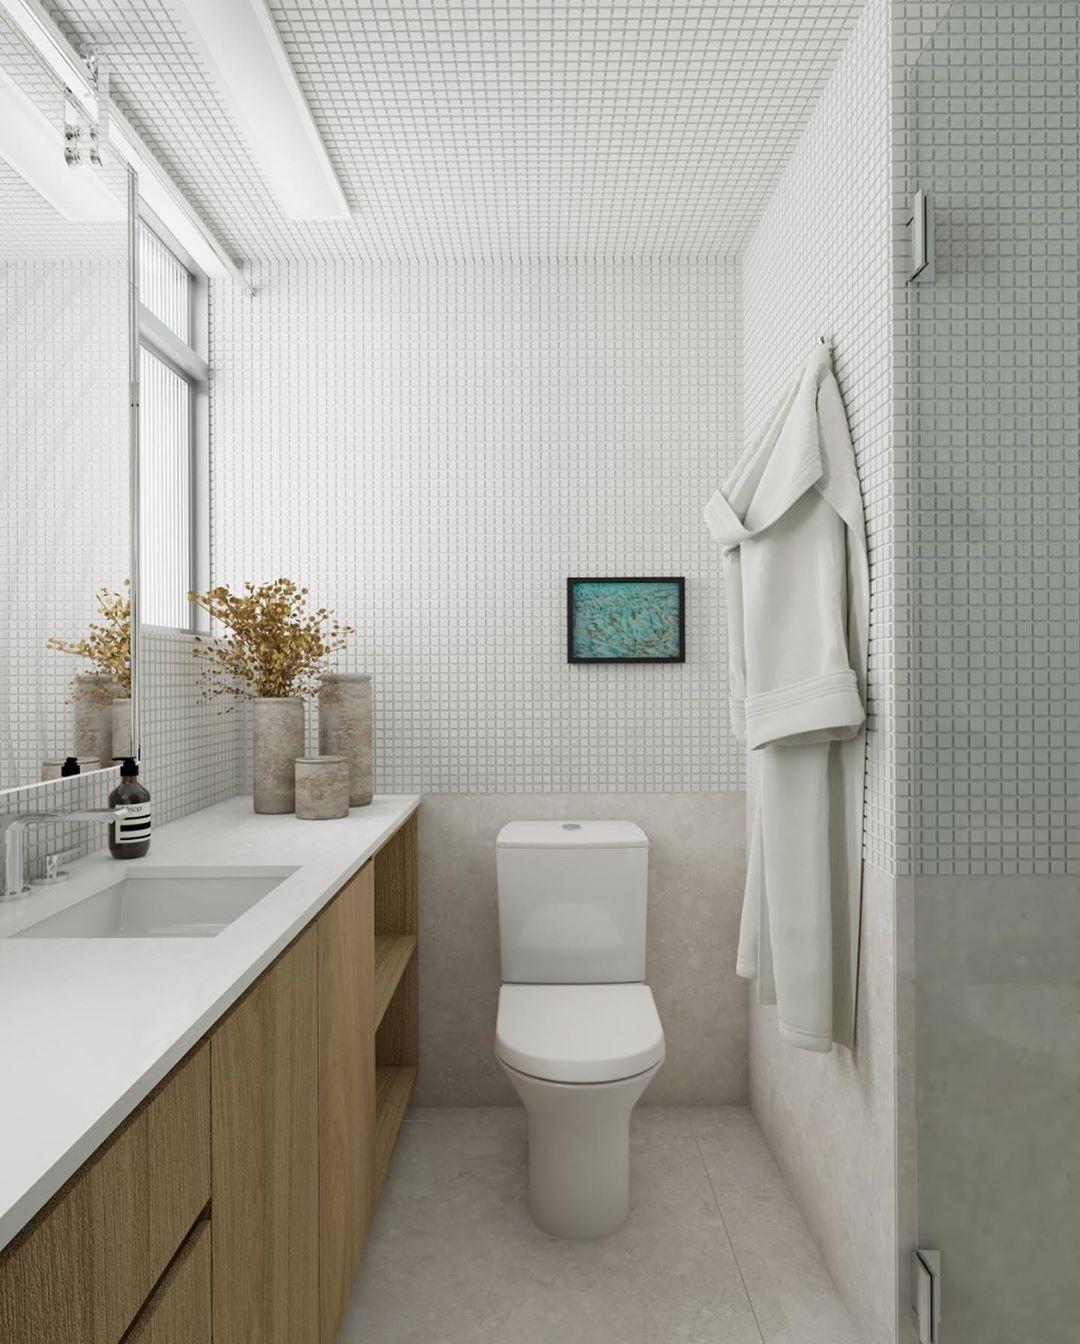 Como tirar limo do banheiro: veja dicas e receitas caseiras (Foto: Divulgação)